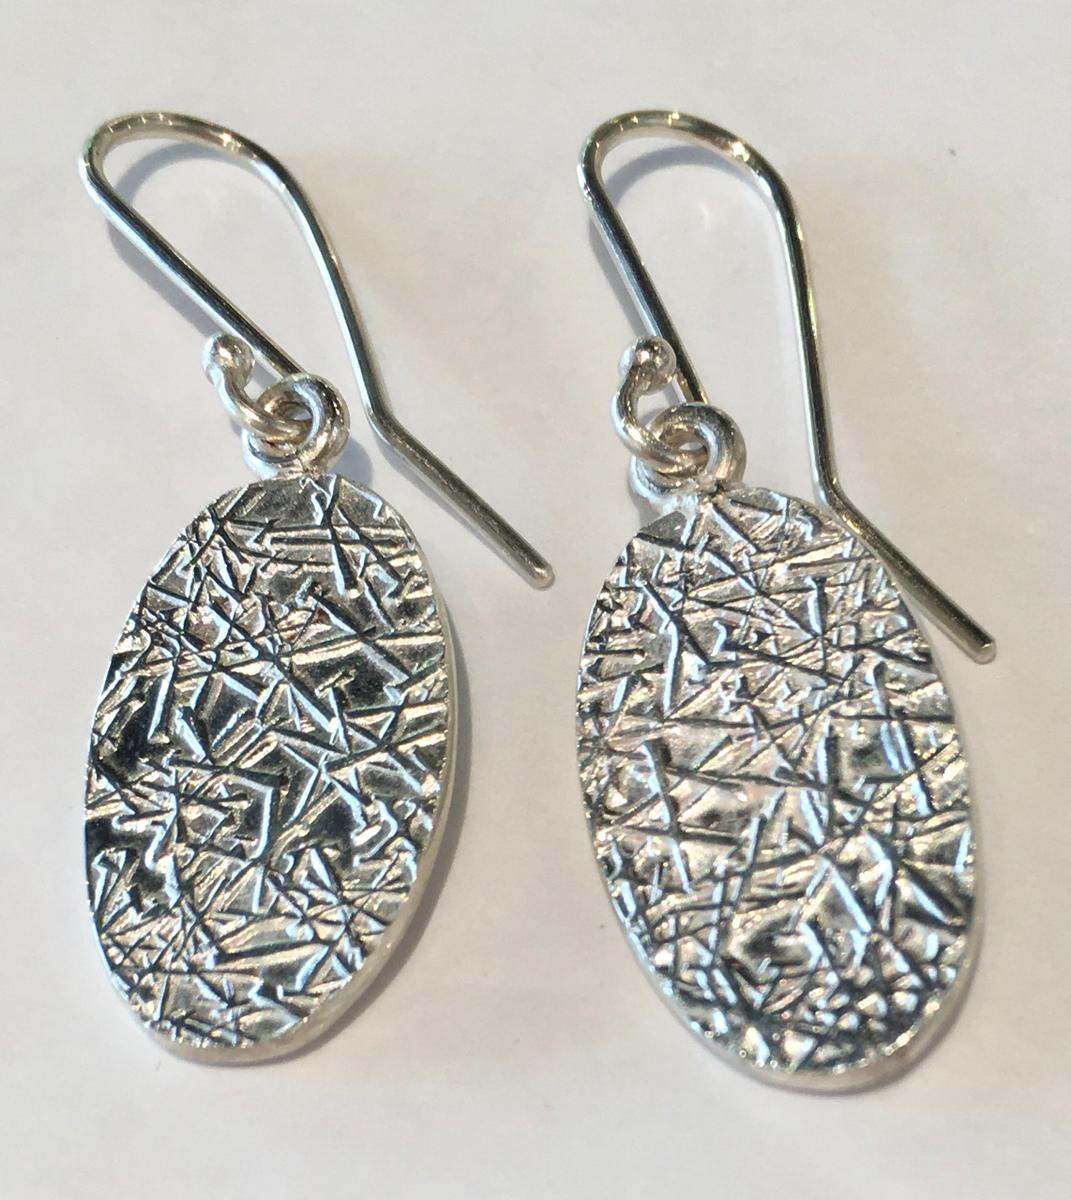 OvalText-ure earrings